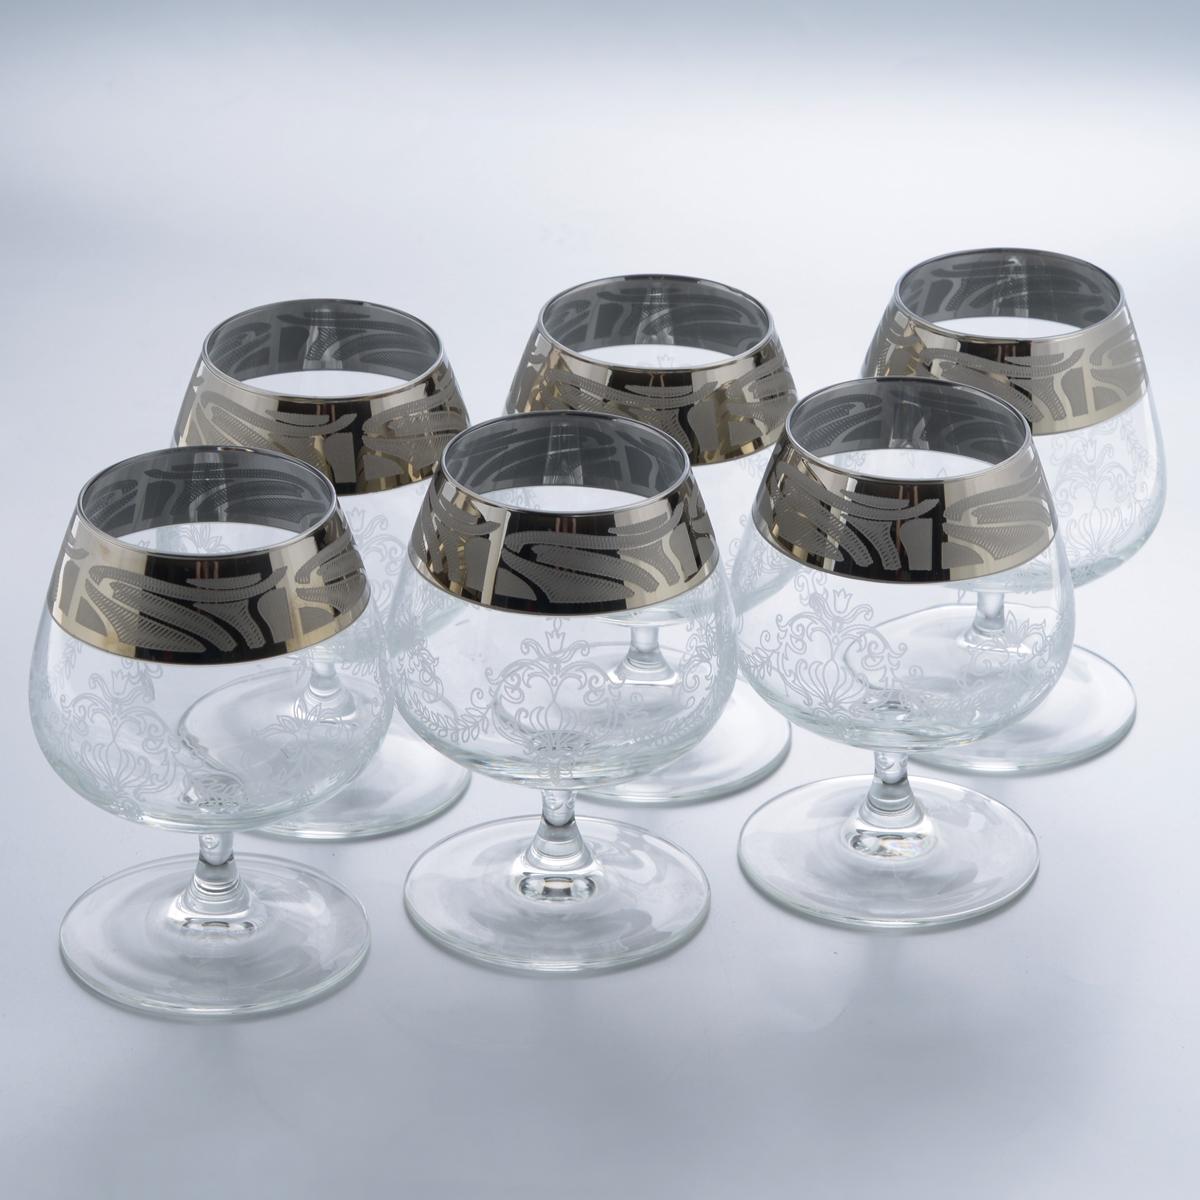 Набор бокалов для бренди Гусь-Хрустальный Мускат, 410 мл, 6 штGE05-1812Набор Гусь-Хрустальный Мускат состоит из 6 бокалов на тонкой низкой ножке, изготовленных из высококачественного натрий-кальций-силикатного стекла. Изделия оформлены красивым зеркальным покрытием, широкой окантовкой с оригинальным узором и белым матовым орнаментом. Бокалы предназначены для подачи бренди. Такой набор прекрасно дополнит праздничный стол и станет желанным подарком в любом доме. Разрешается мыть в посудомоечной машине. Диаметр бокала (по верхнему краю): 6,3 см. Высота бокала: 13 см. Диаметр основания бокала: 8 см.